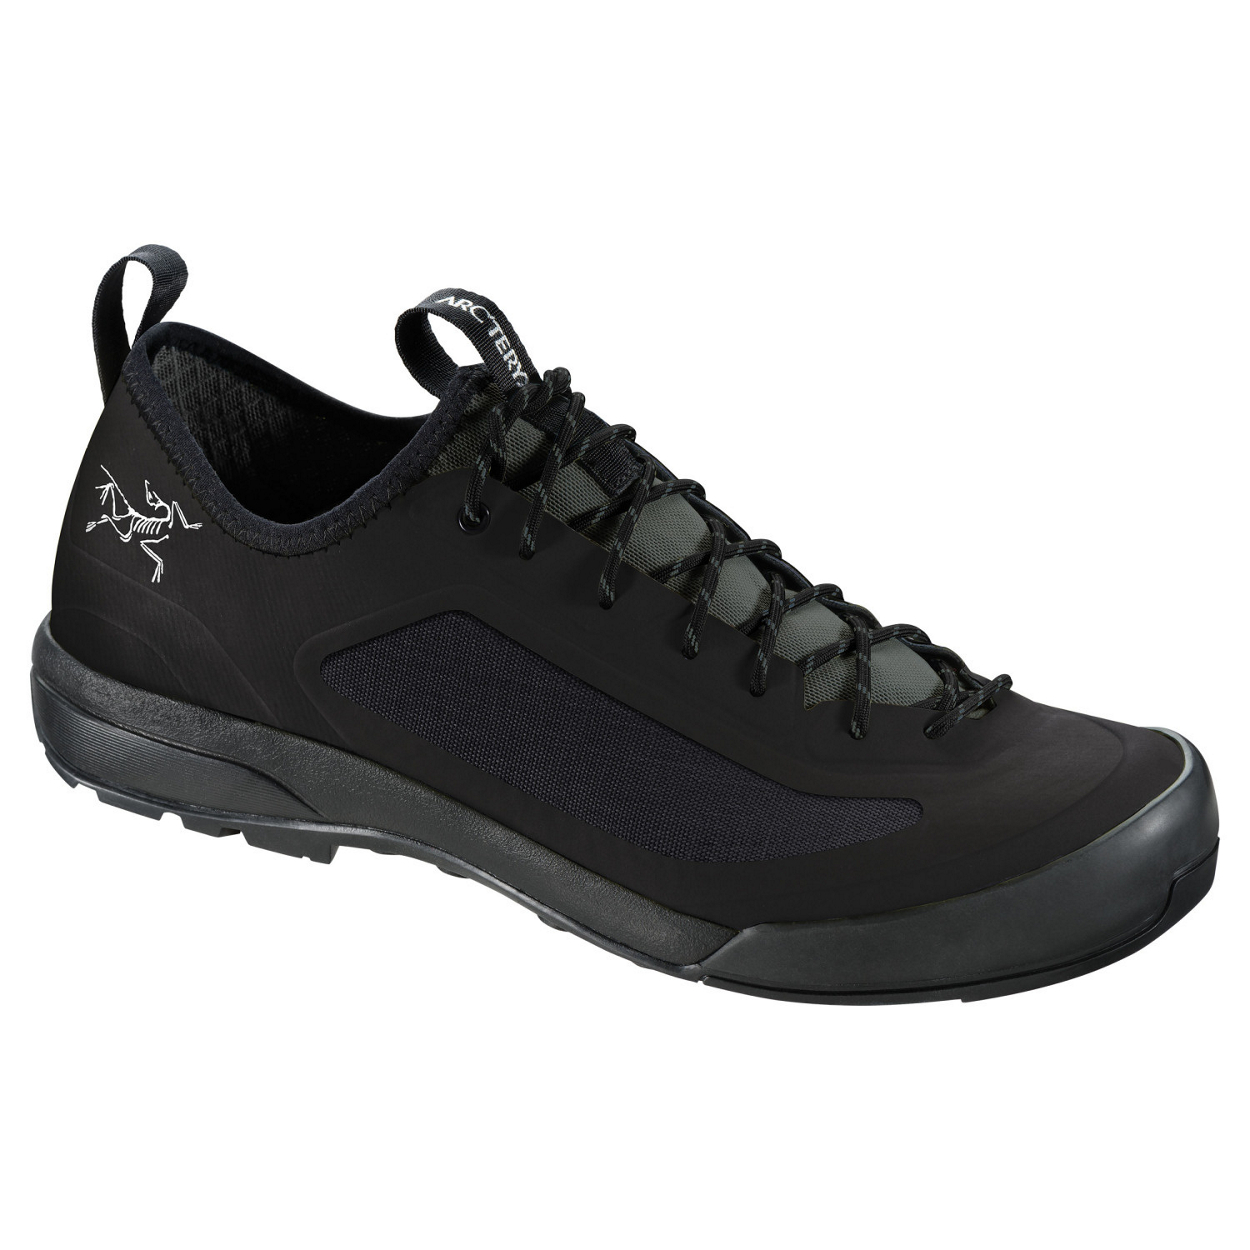 Image of Acrux SL Approach Shoe